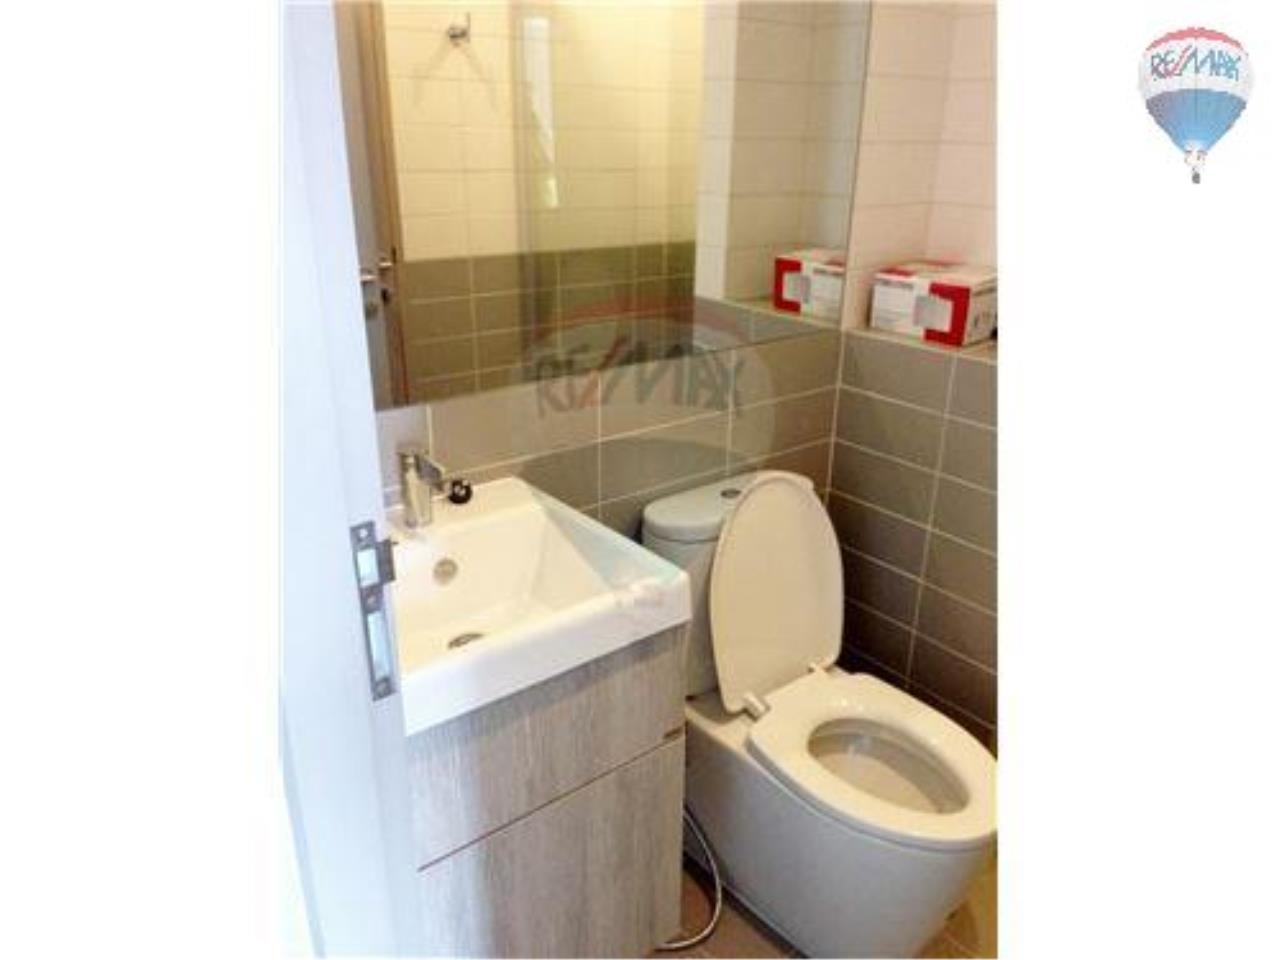 RE/MAX Properties Agency's Condominium for rent 43 Sq.M. at Ideo Mobi Sukhumvit 7